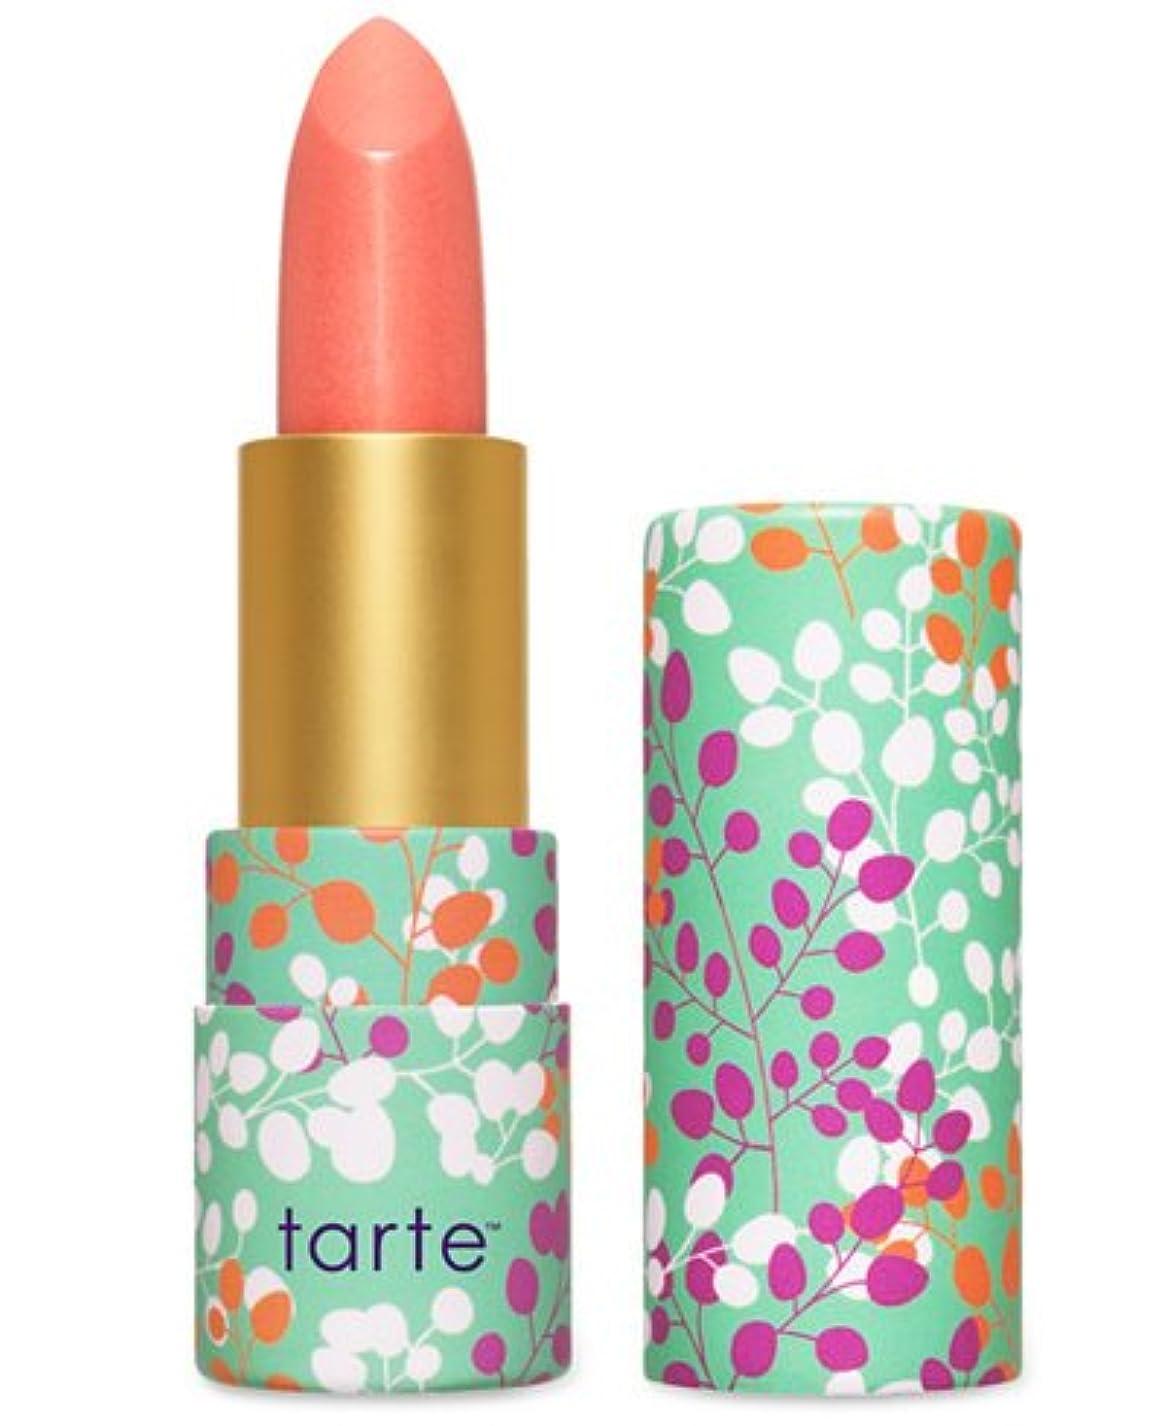 好意ファンブルアンドリューハリディTarte Amazonian Butter Lipstick ターテ アマゾニアン バターリップステック coral blossom  [並行輸入品]